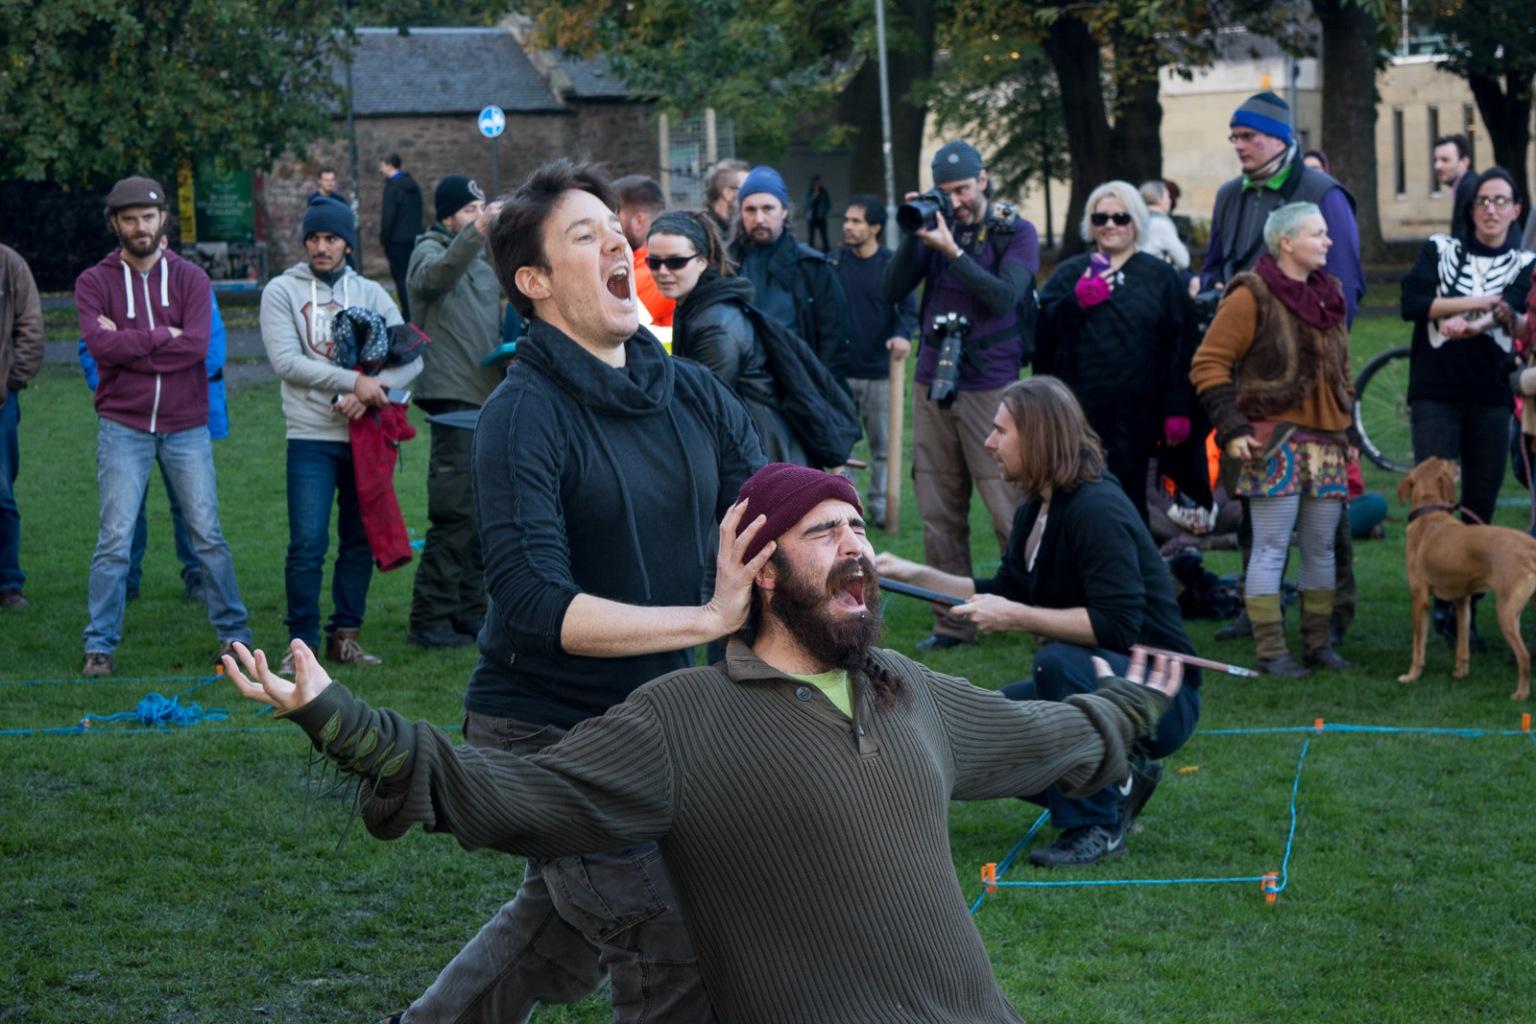 First outdoor full-cast walkthrough by Pascal van der Meiden